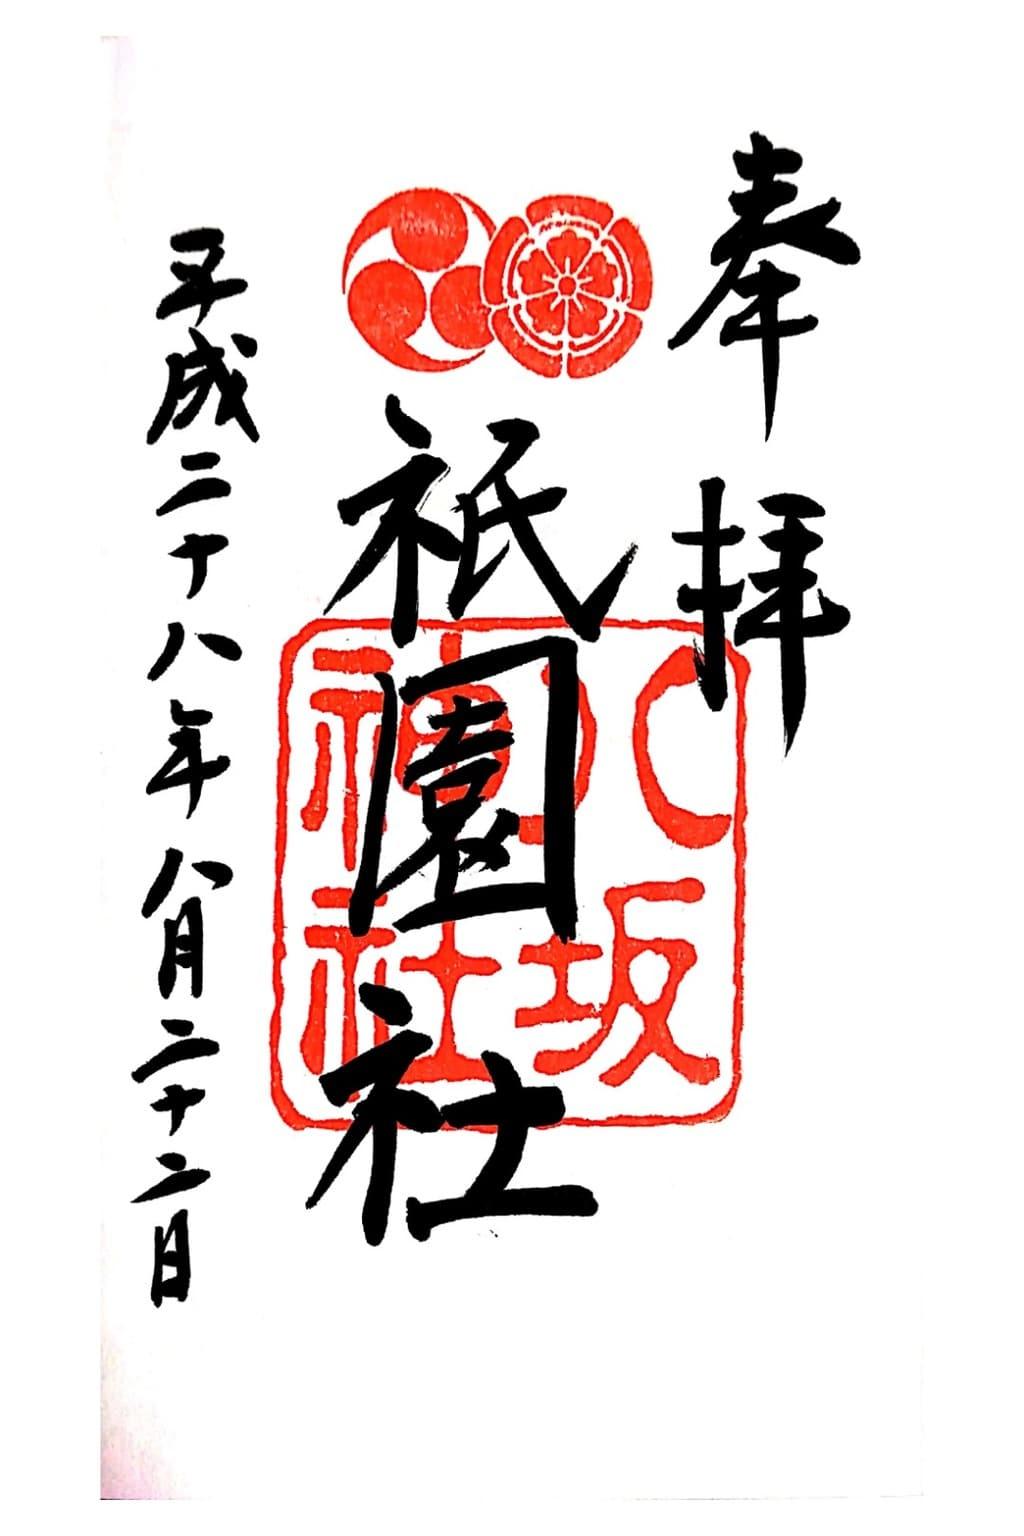 八坂神社(祇園さん)の御朱印